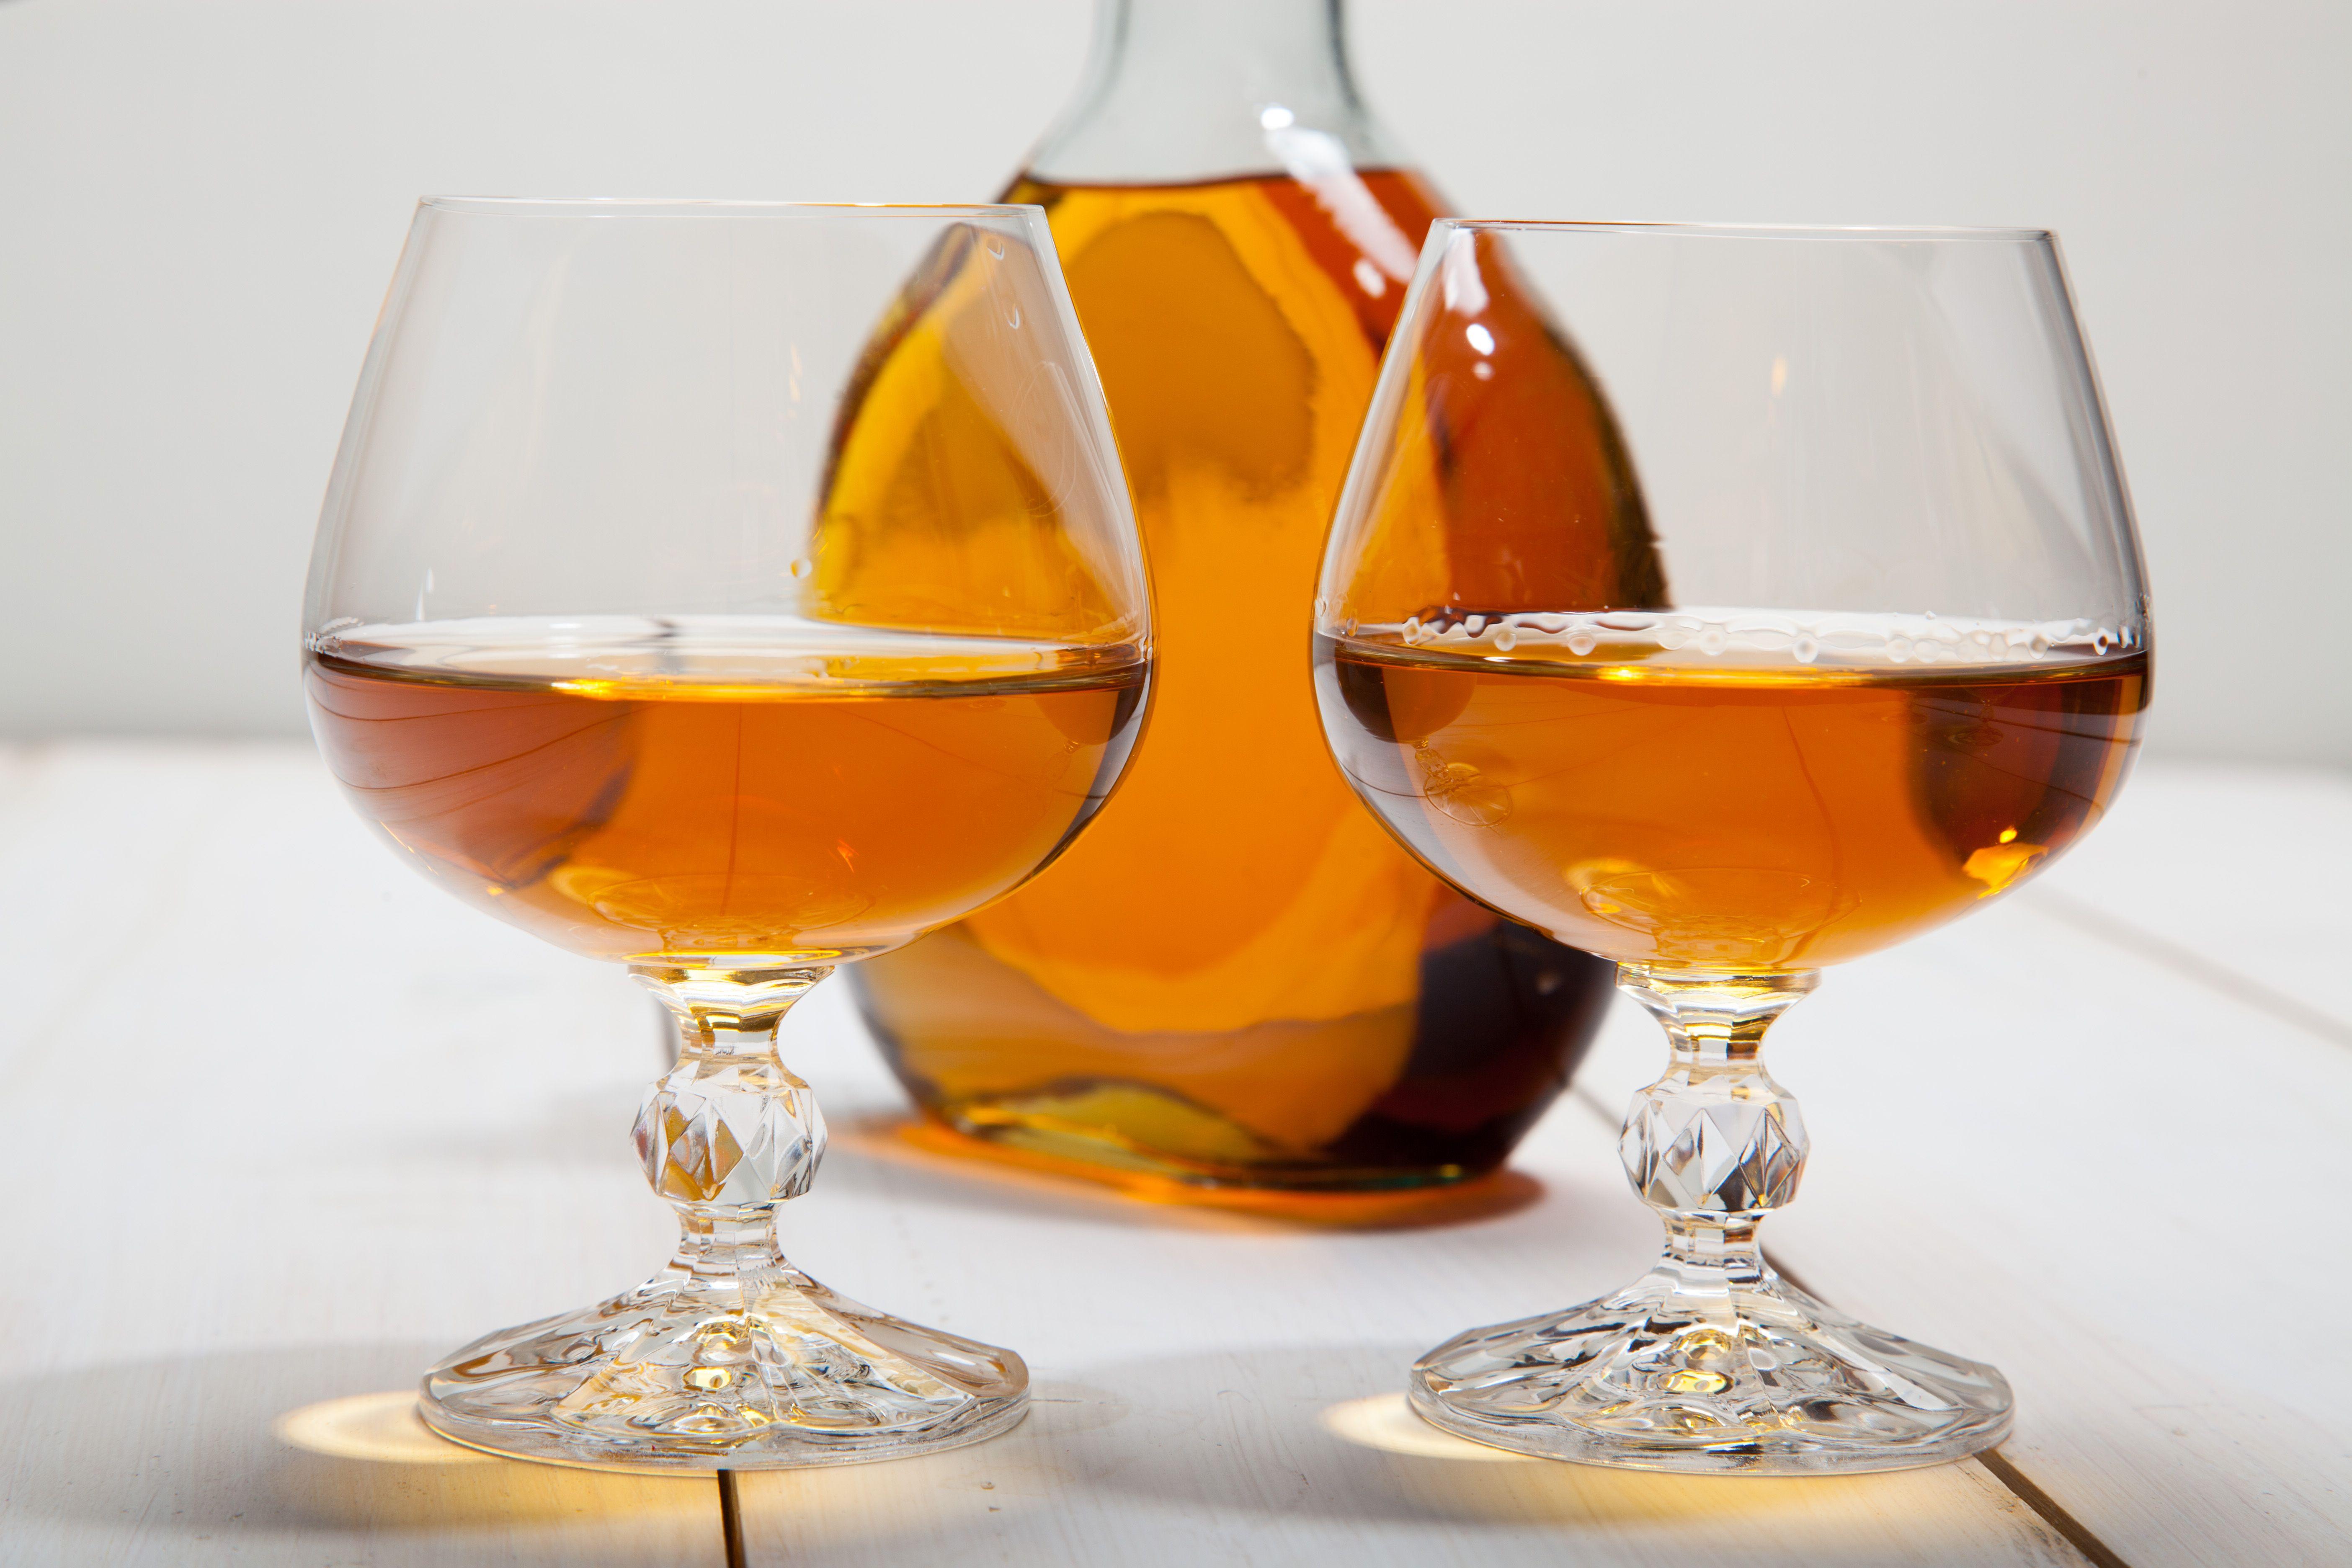 How to make peach brandy brandy recipe vodka drinks